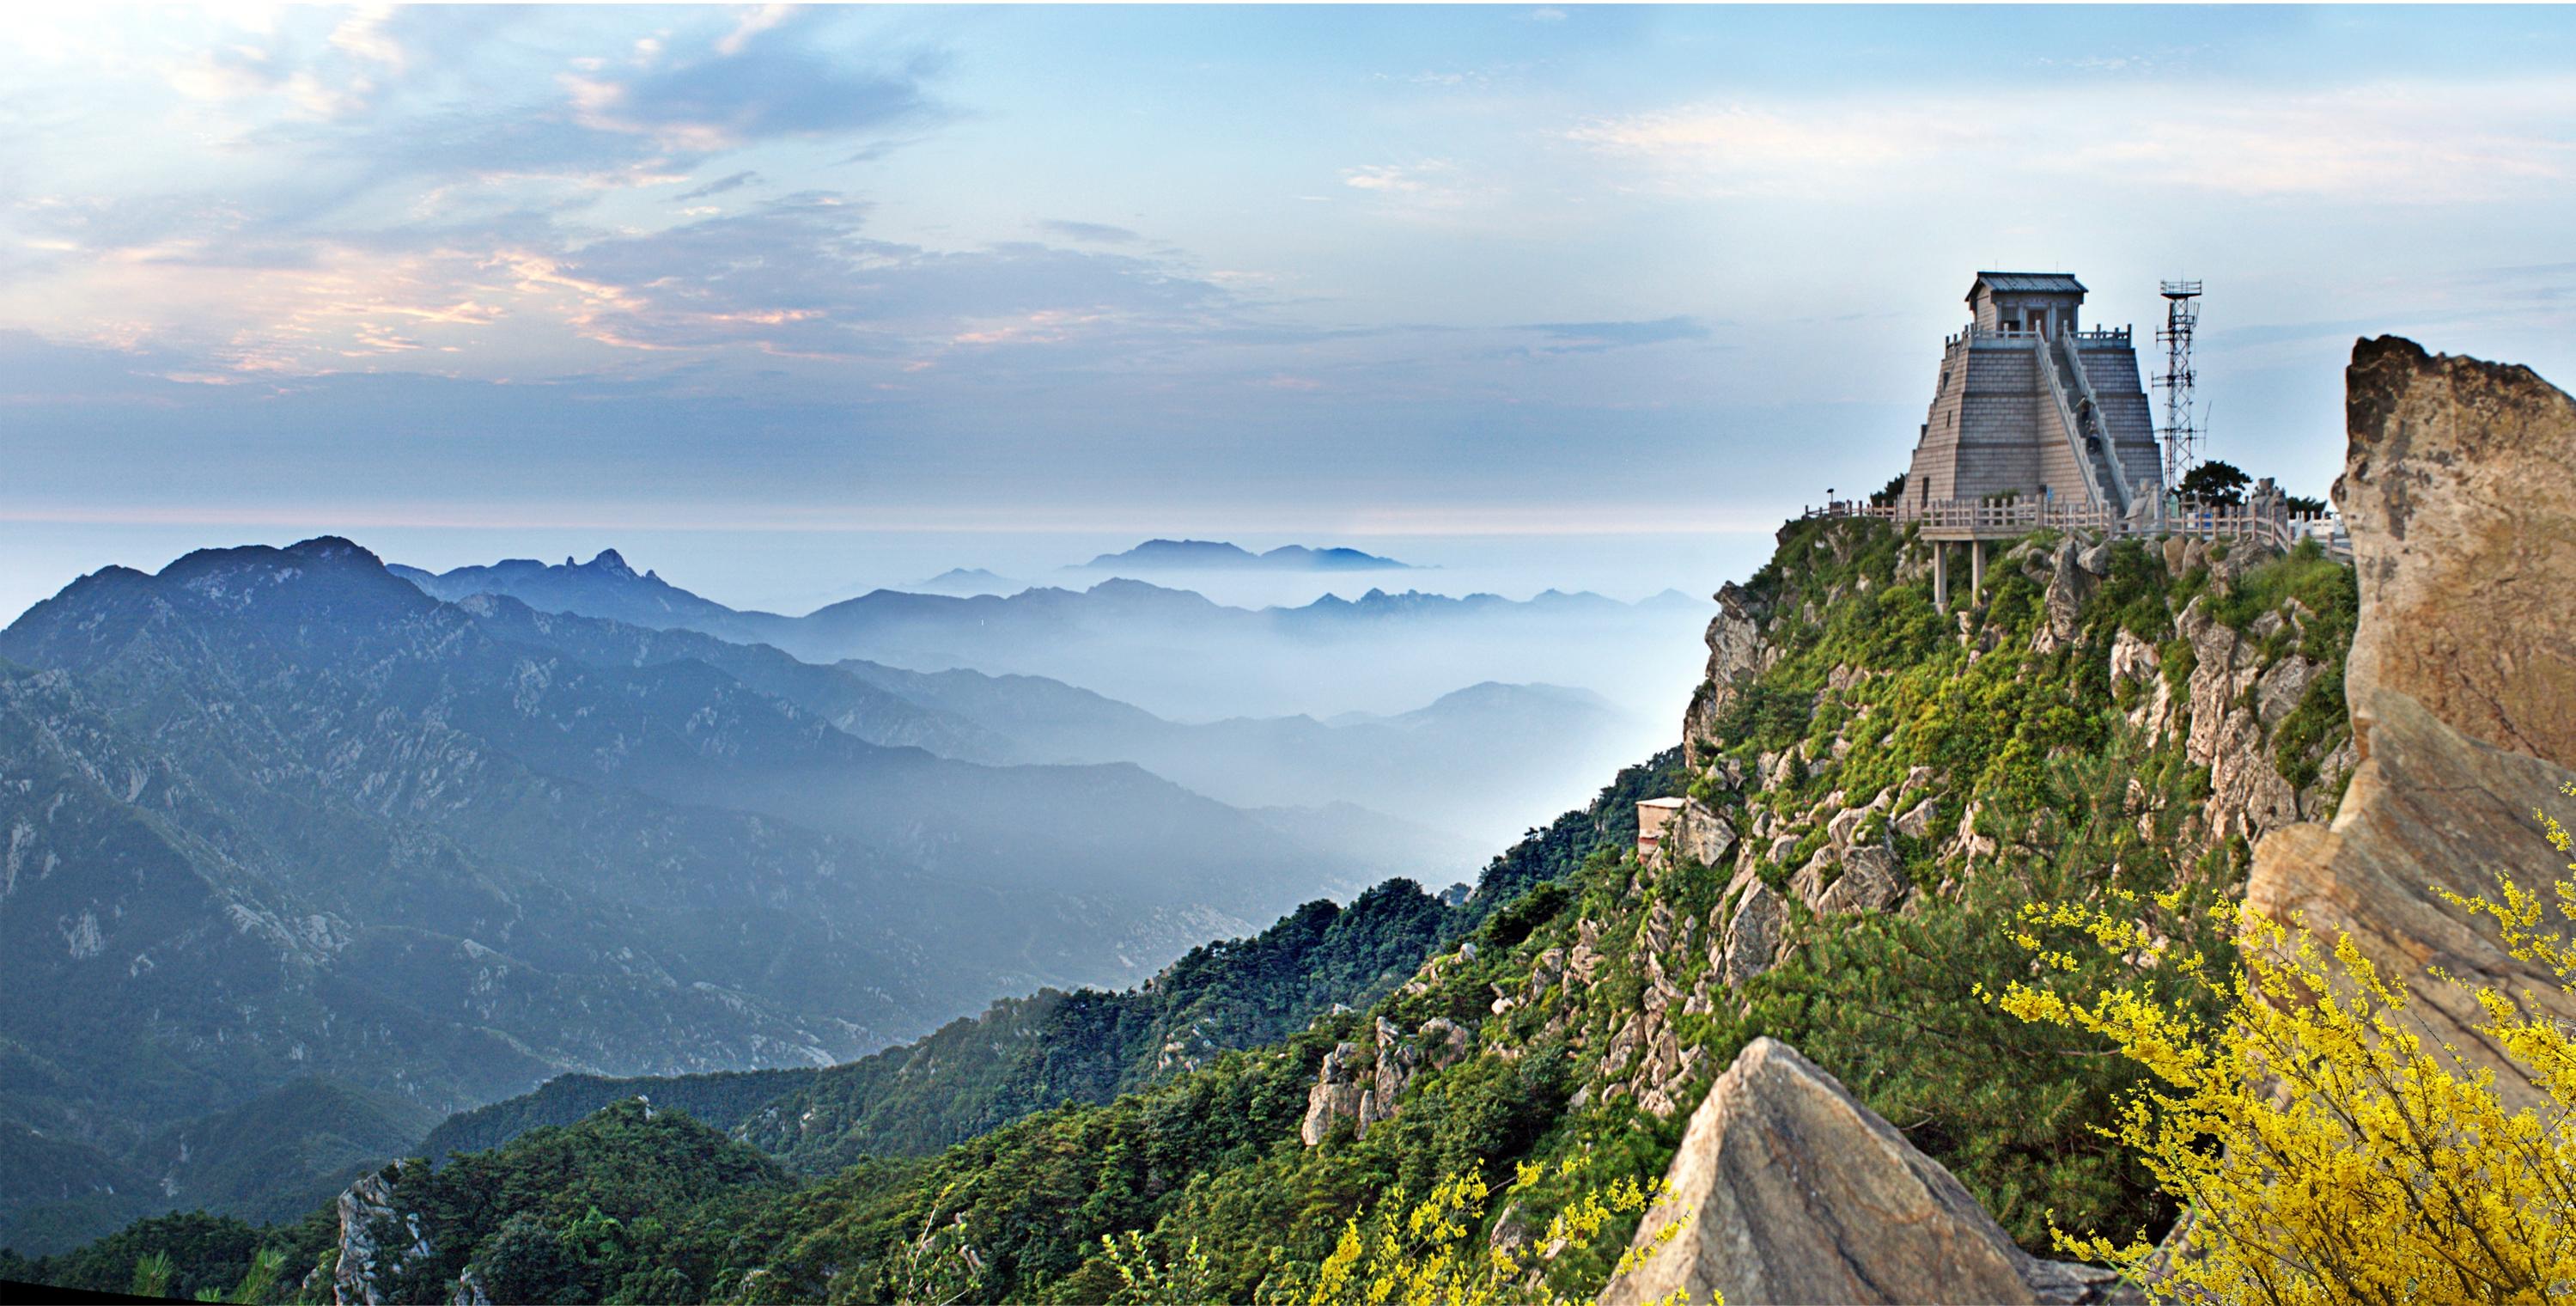 旅游景点推荐_给介绍一下山东省有名的旅游景点